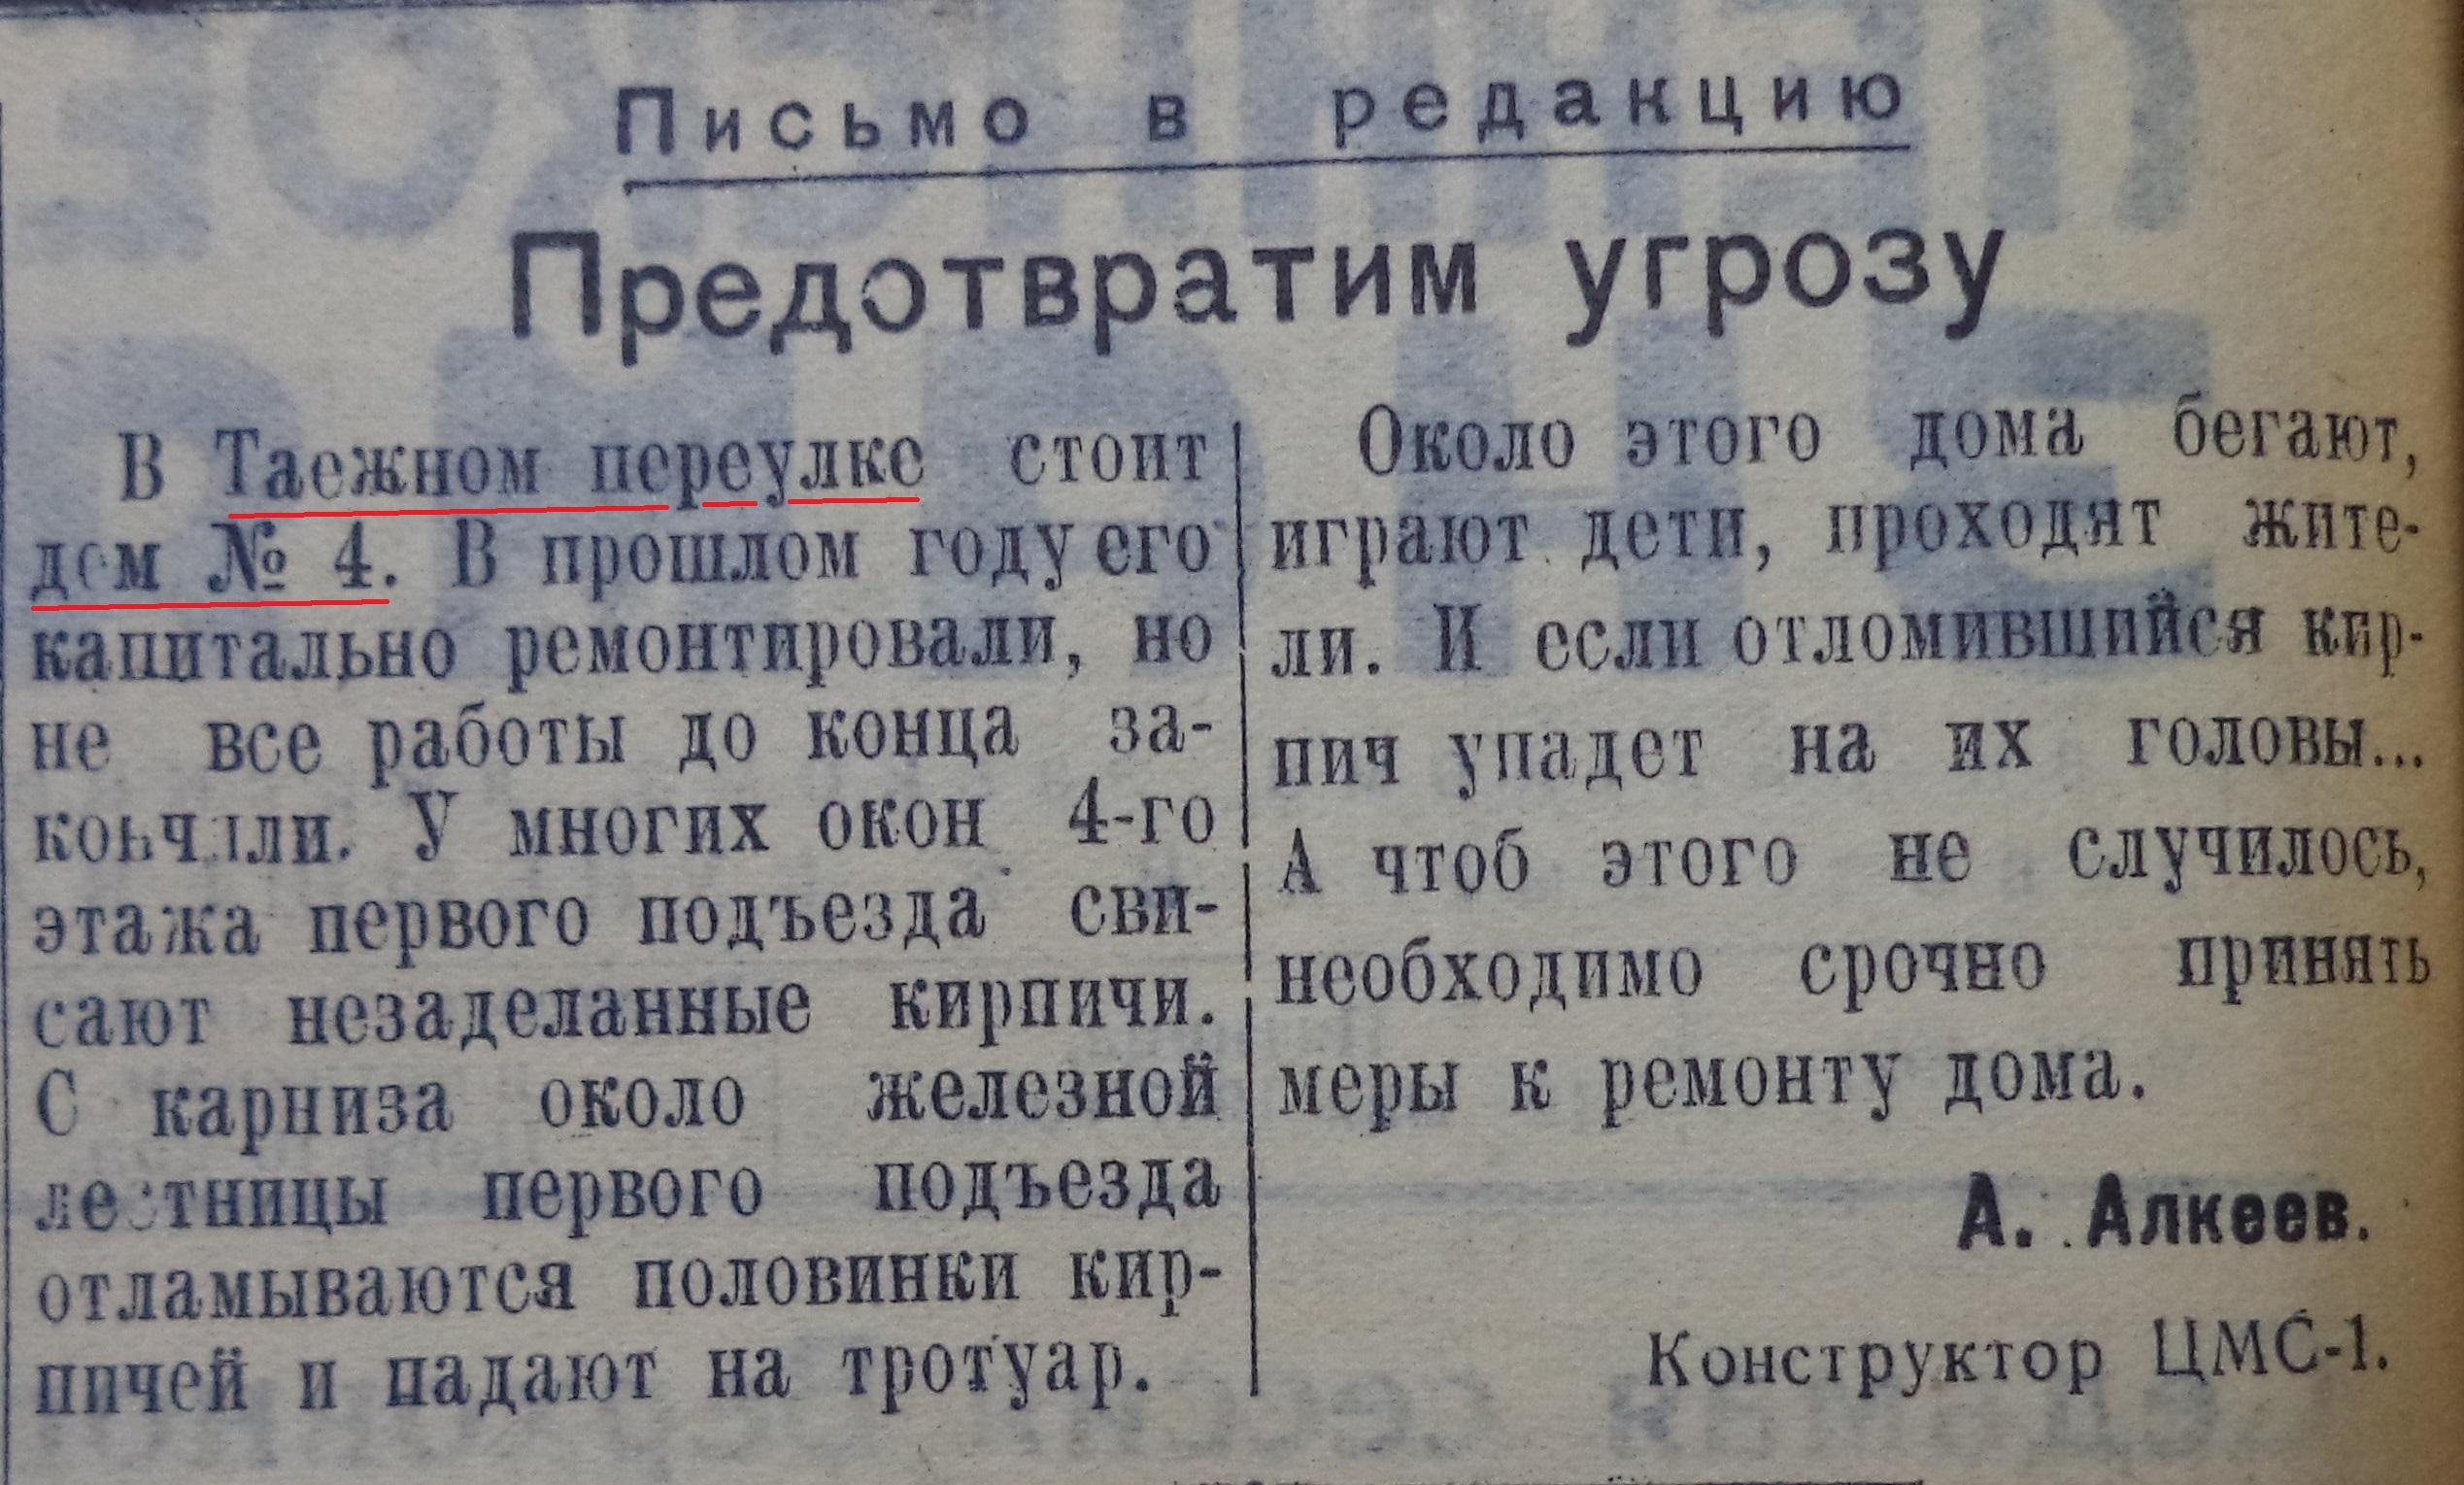 Slavny-FOTO-21-Leninskoe_Znamya-1957-10_maya-X-min